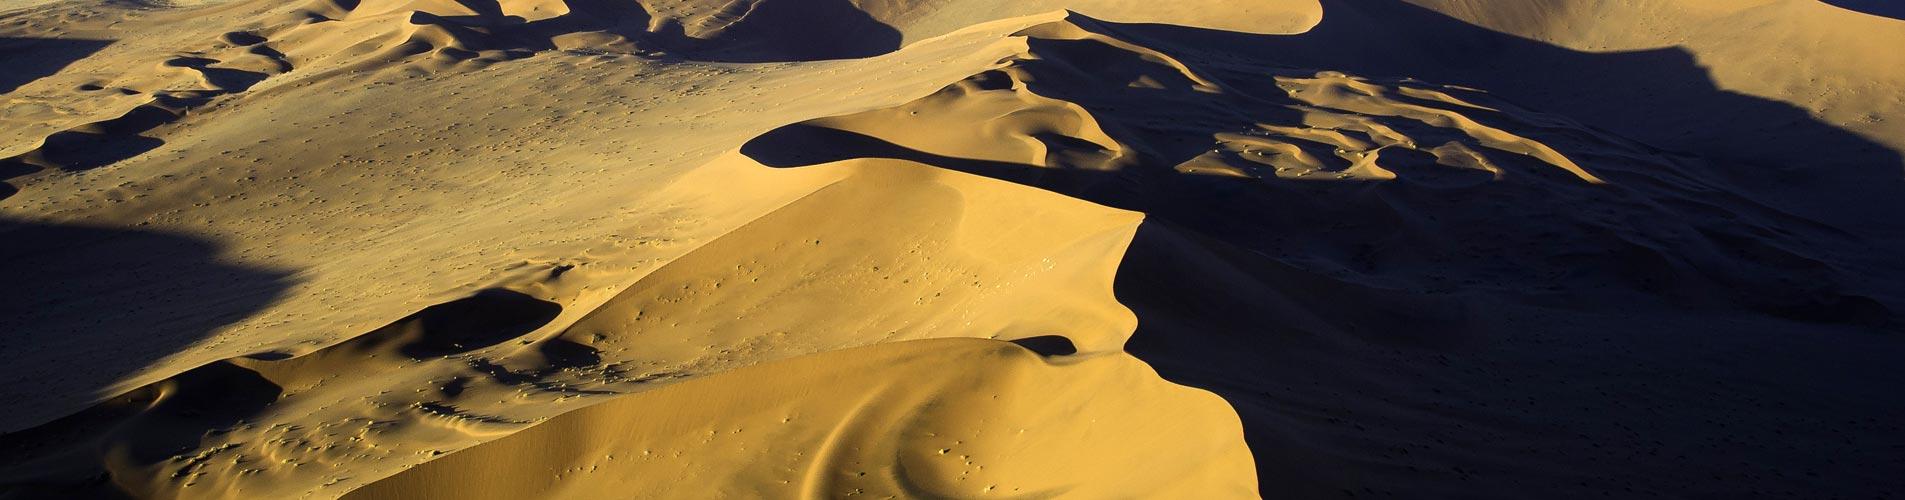 Sossulvlei in Namibia